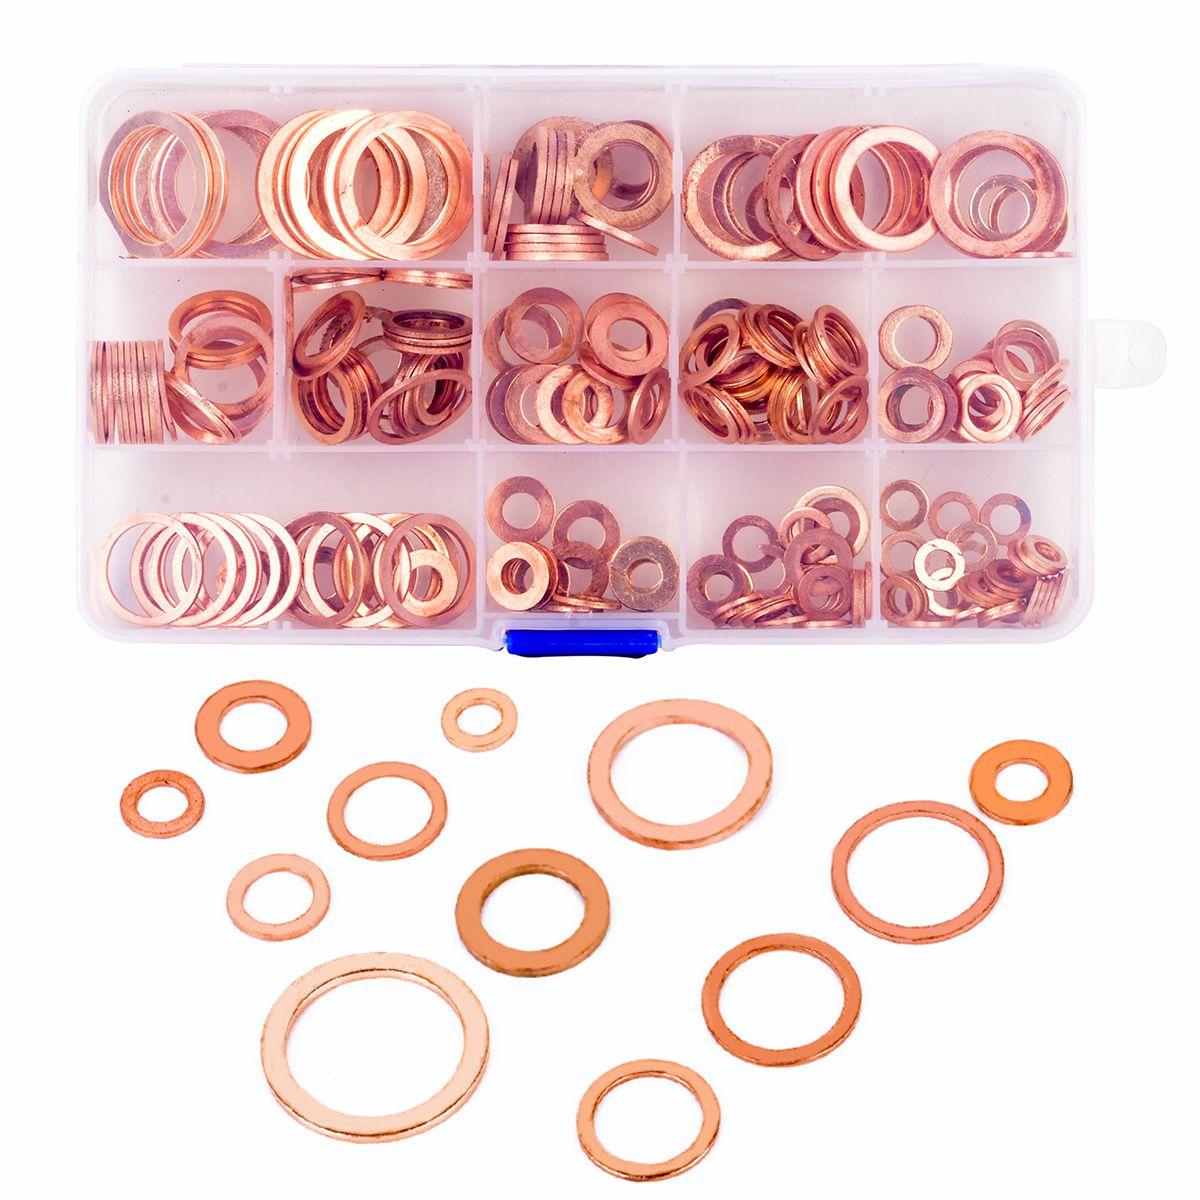 280 stücke Massivem Kupfer Dichtung Assorted Kupfer Unterlegscheiben Dichtring Set mit Fall 12 Größen M5-M20